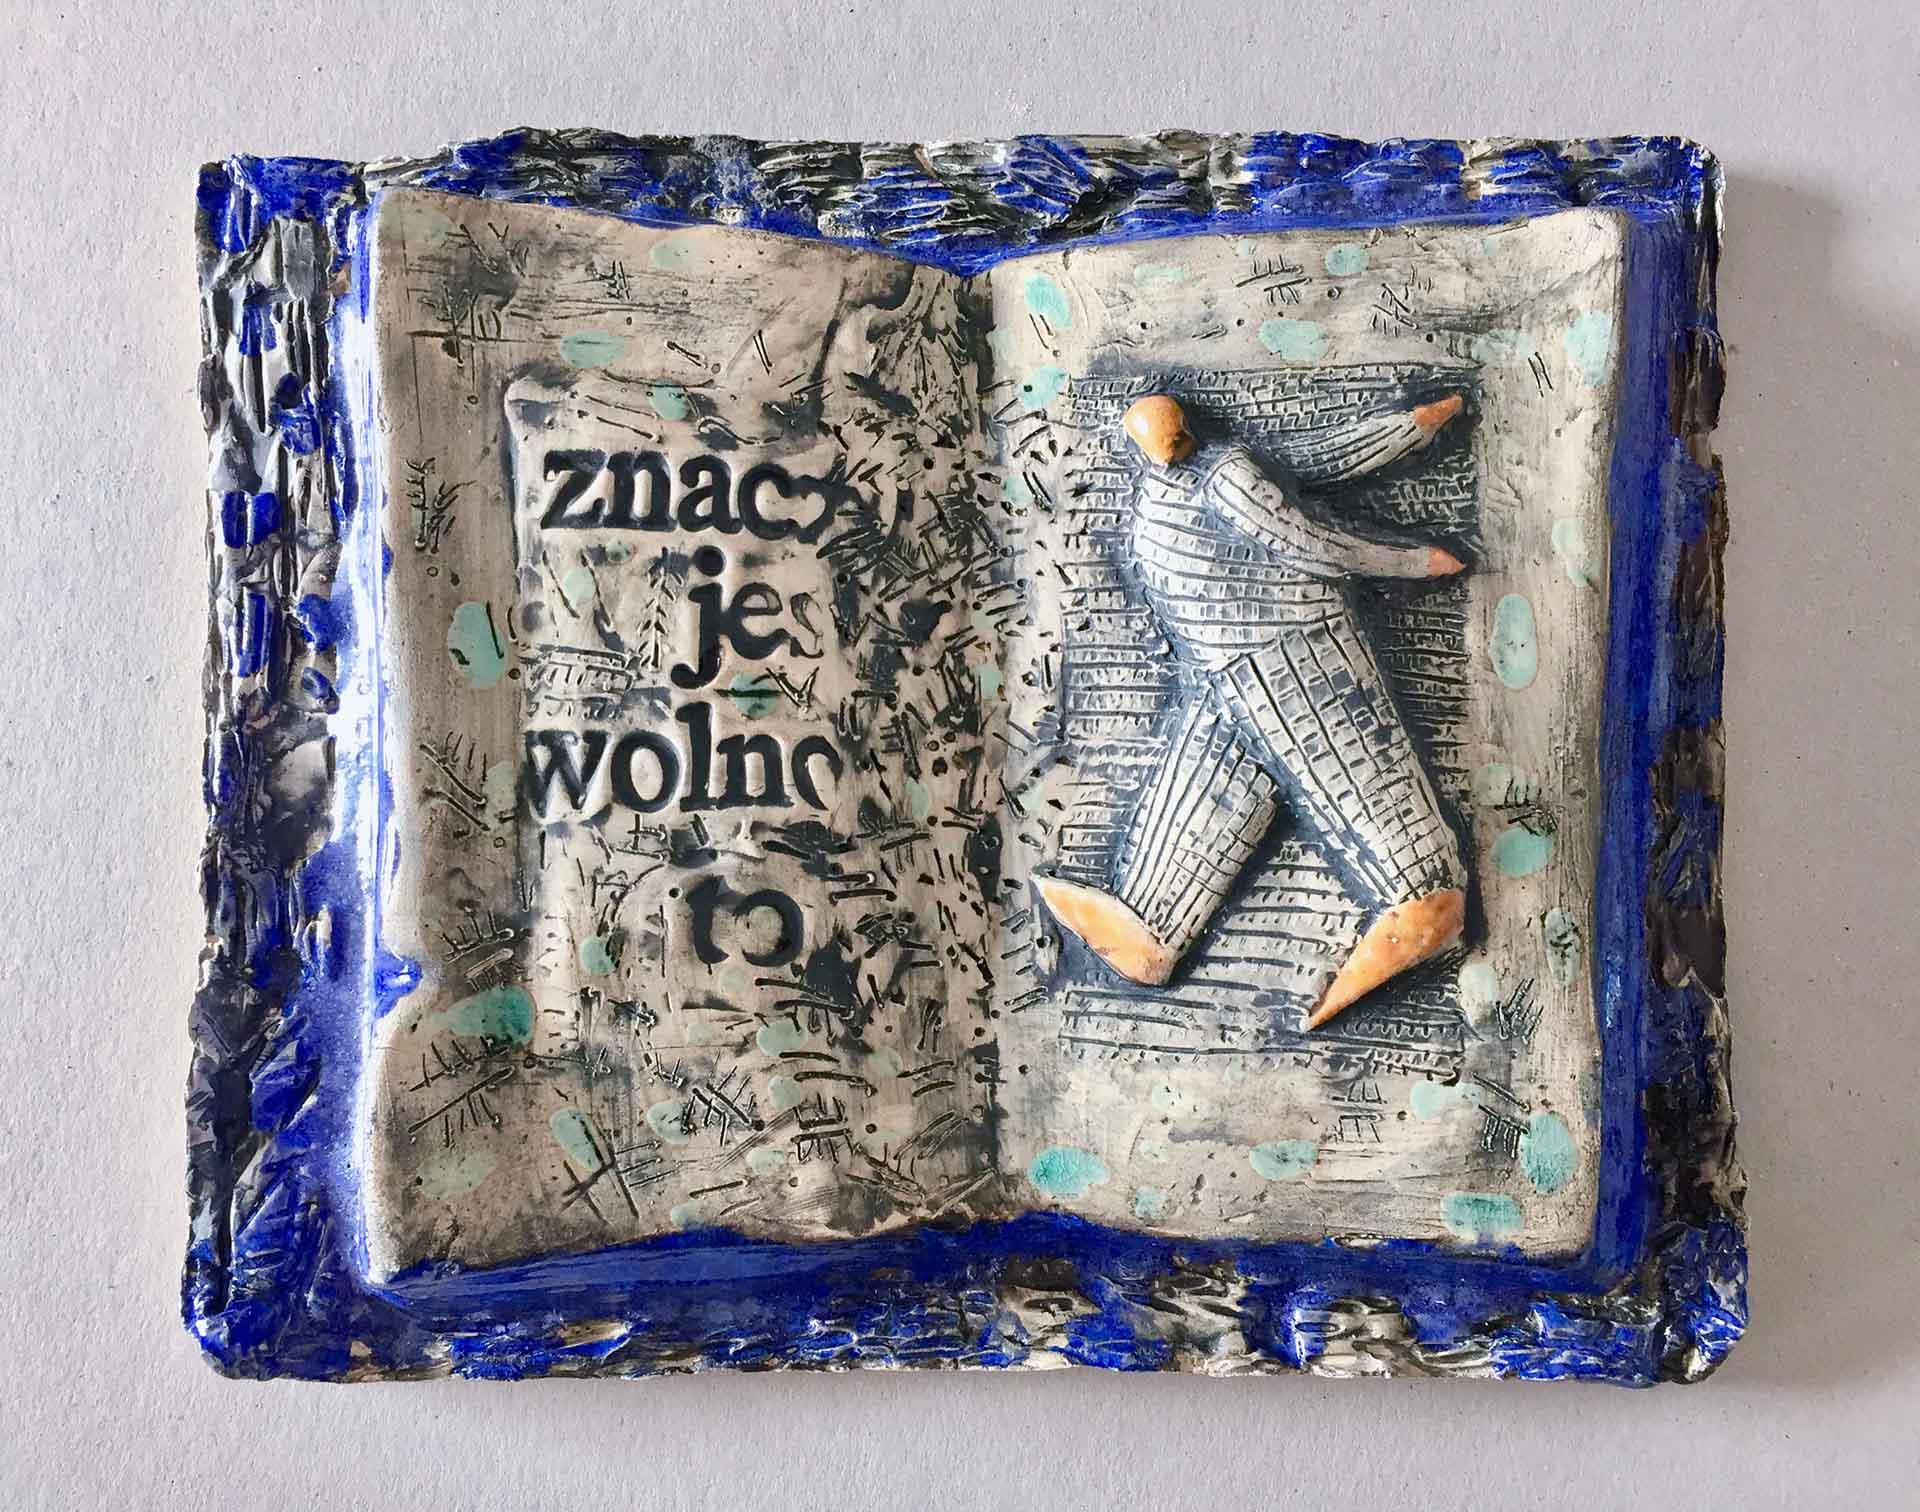 2020 Eugeniusz Józefowski Książka znaczy jest wolno to... z cyklu Dobro-wolność 28 x 23 cm ceramika szkliwiona foto tel 03